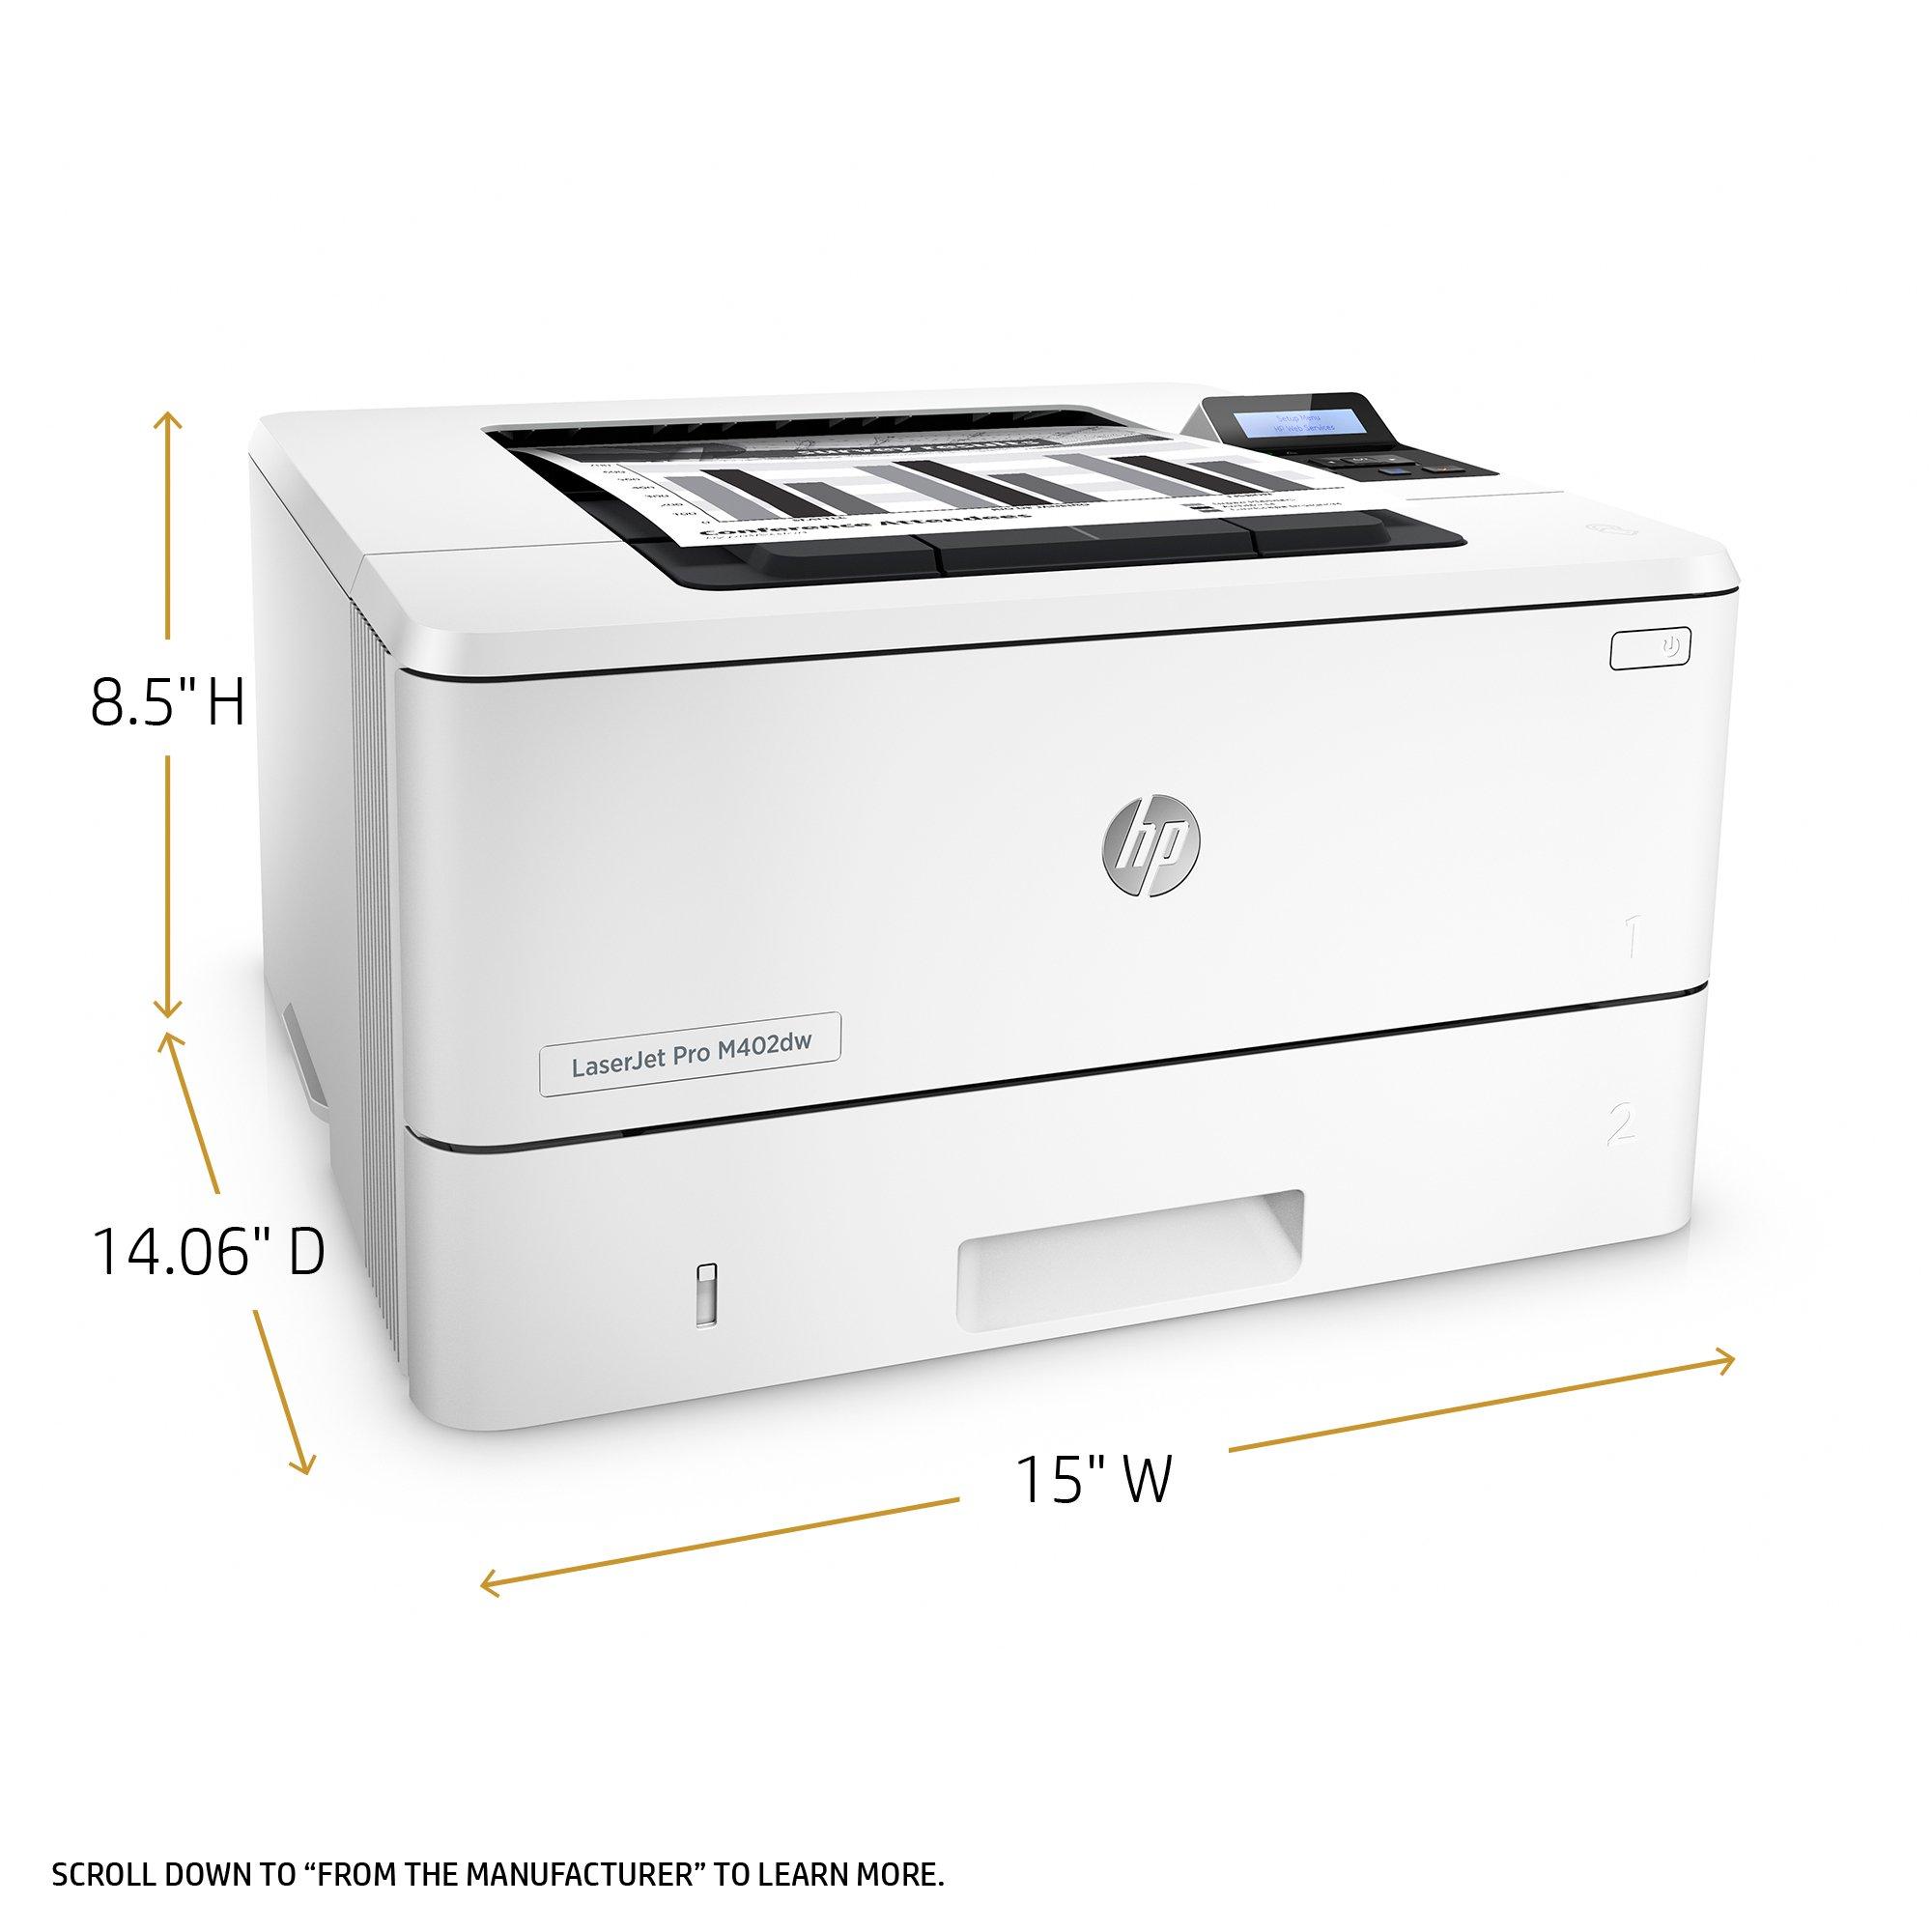 HP LaserJet Pro M402dw Wireless Monochrome Printer (C5F95A#BGJ) by HP (Image #3)